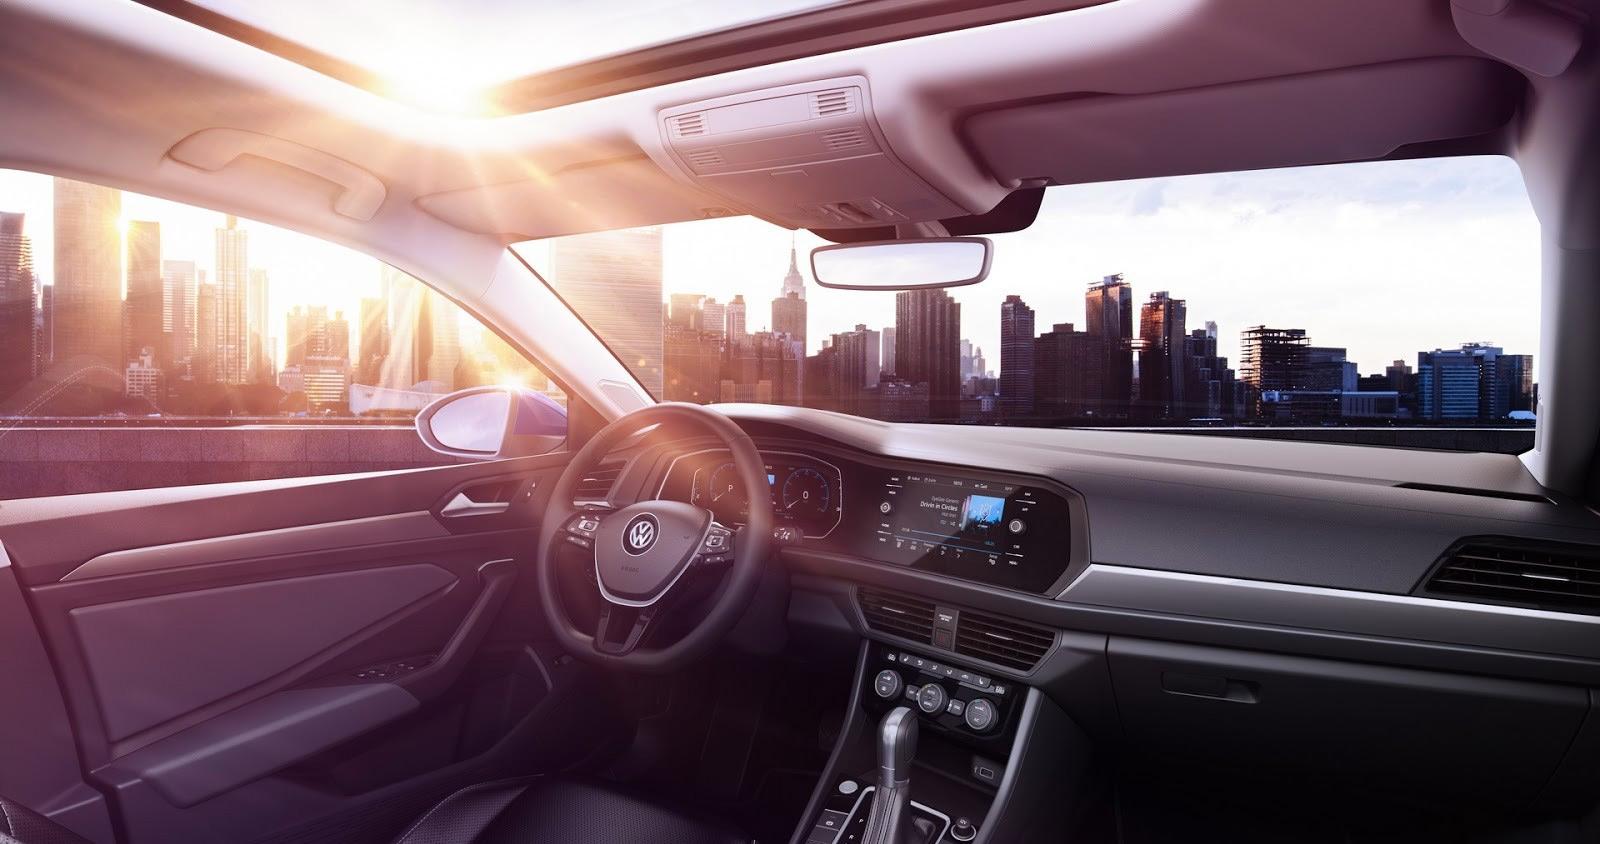 Nuevo Volkswagen Jetta 2019 Es Presentado Llegar 225 A